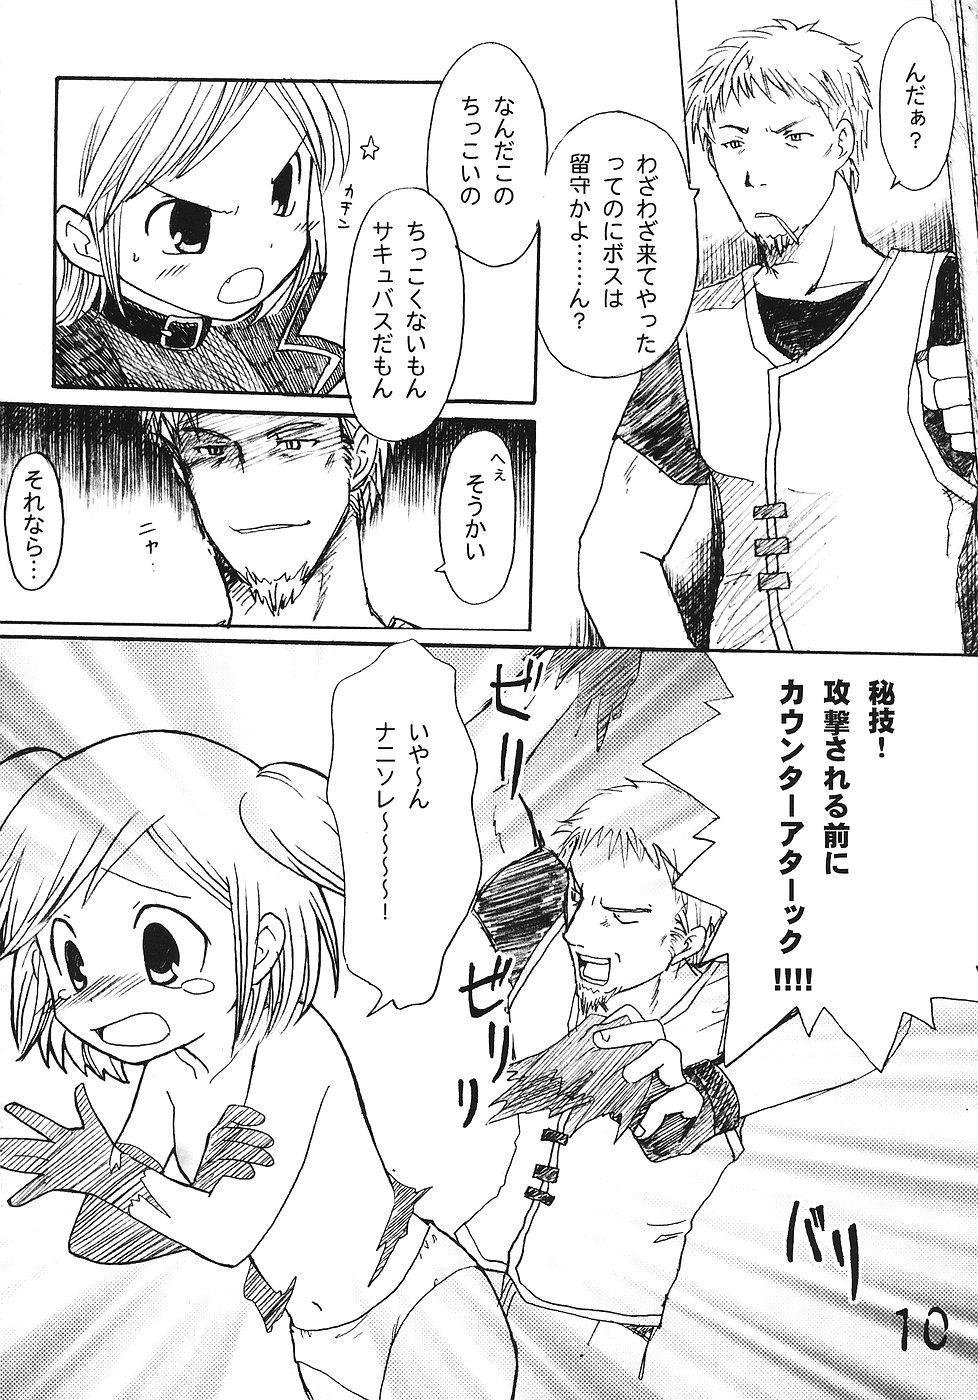 Tsurupeta Kenkyuusho Houkokusho 8